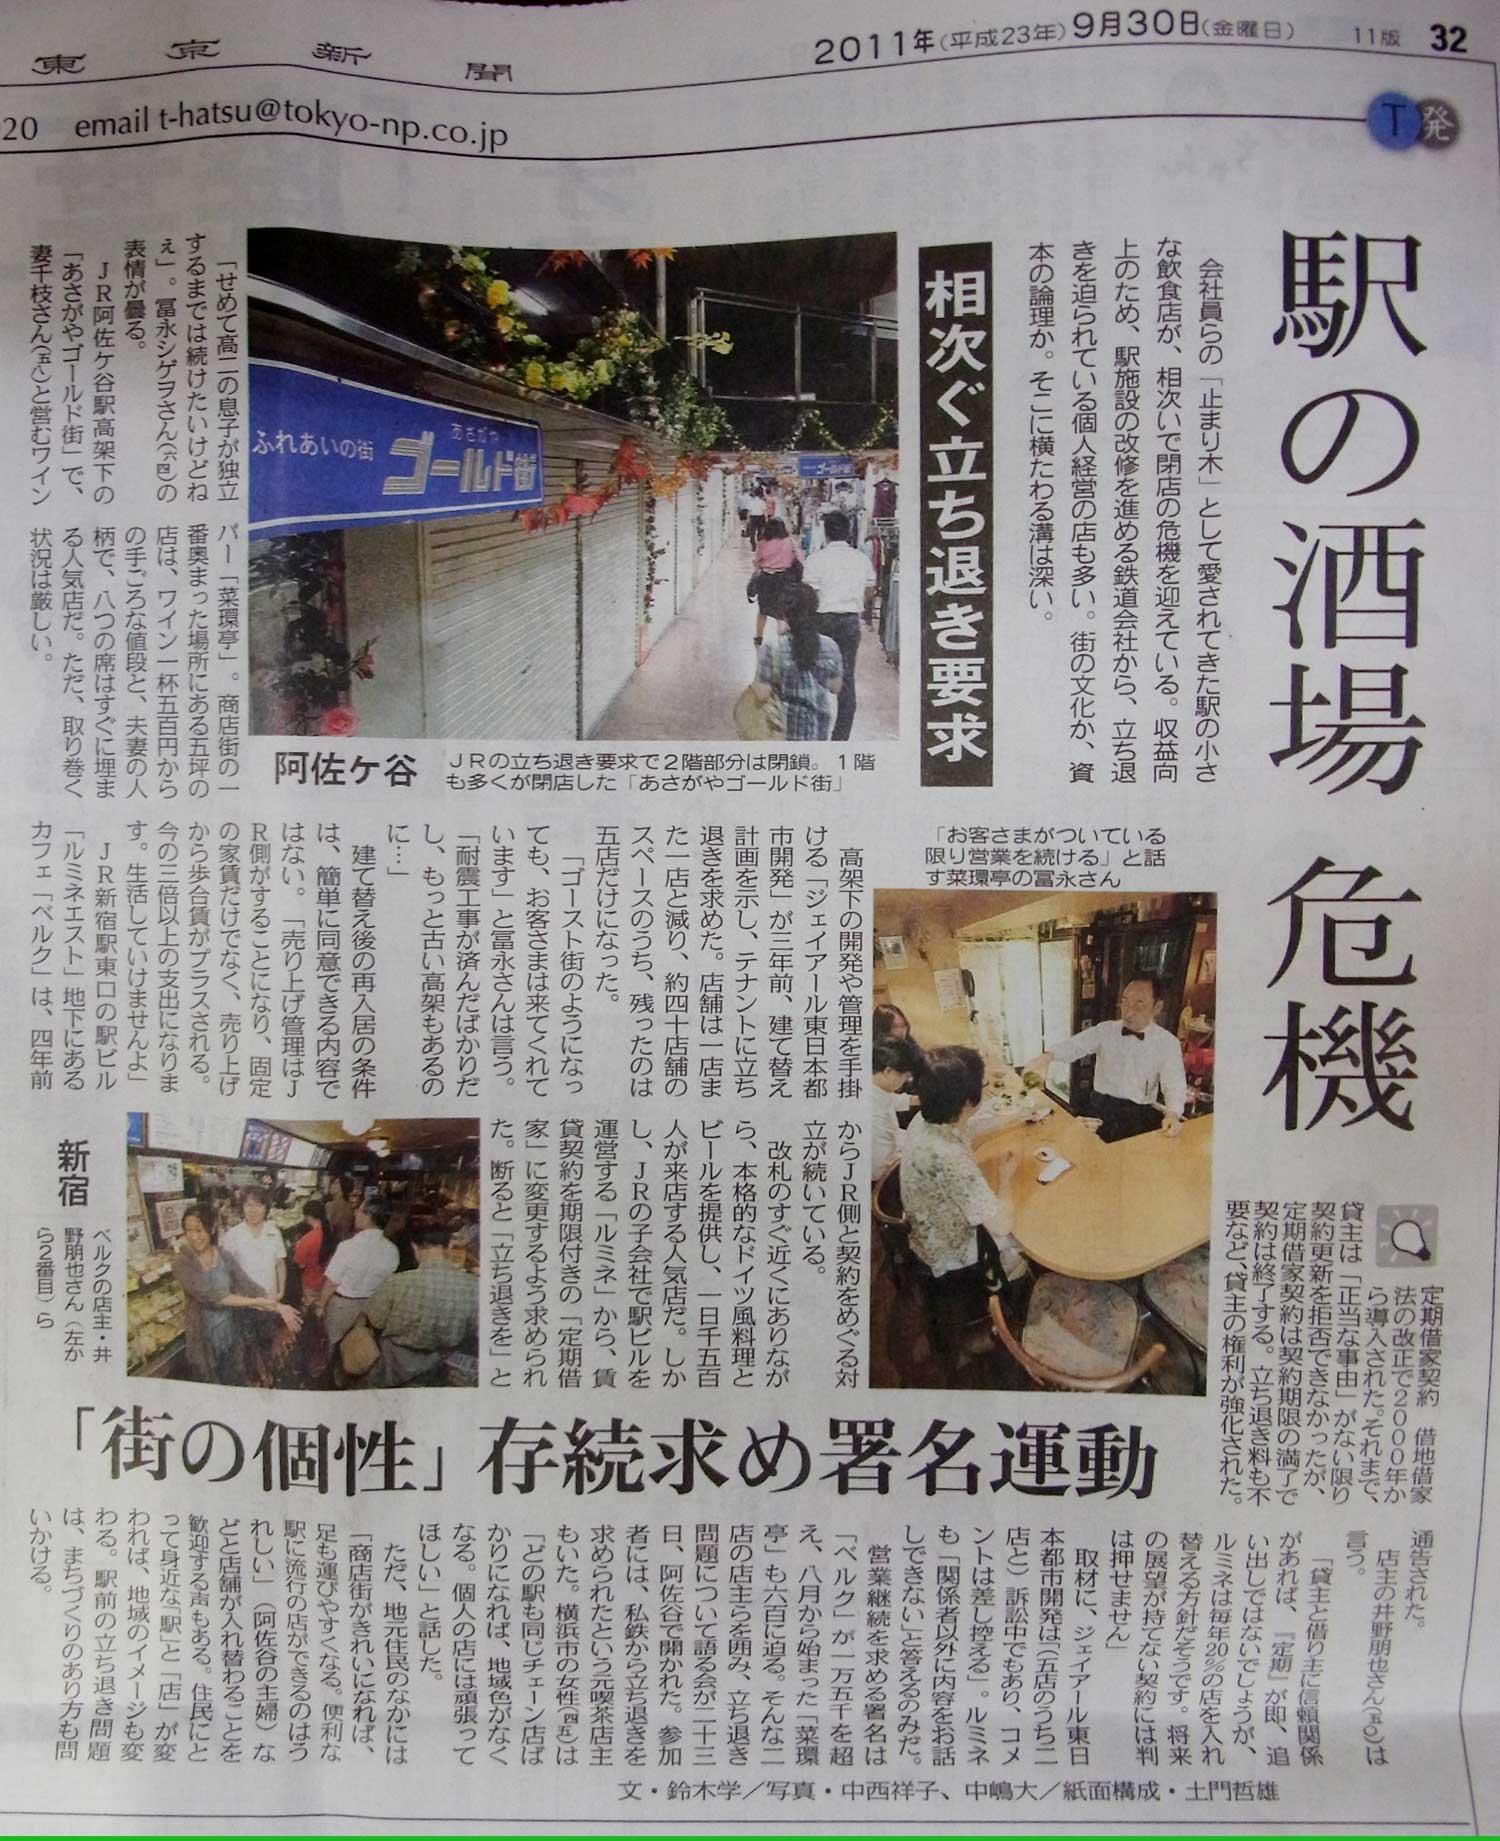 【掲載情報】 東京新聞9/30『駅の酒場危機 相次ぐ立ち退き要求』記事全文(写真クリックで拡大します)_c0069047_145413.jpg